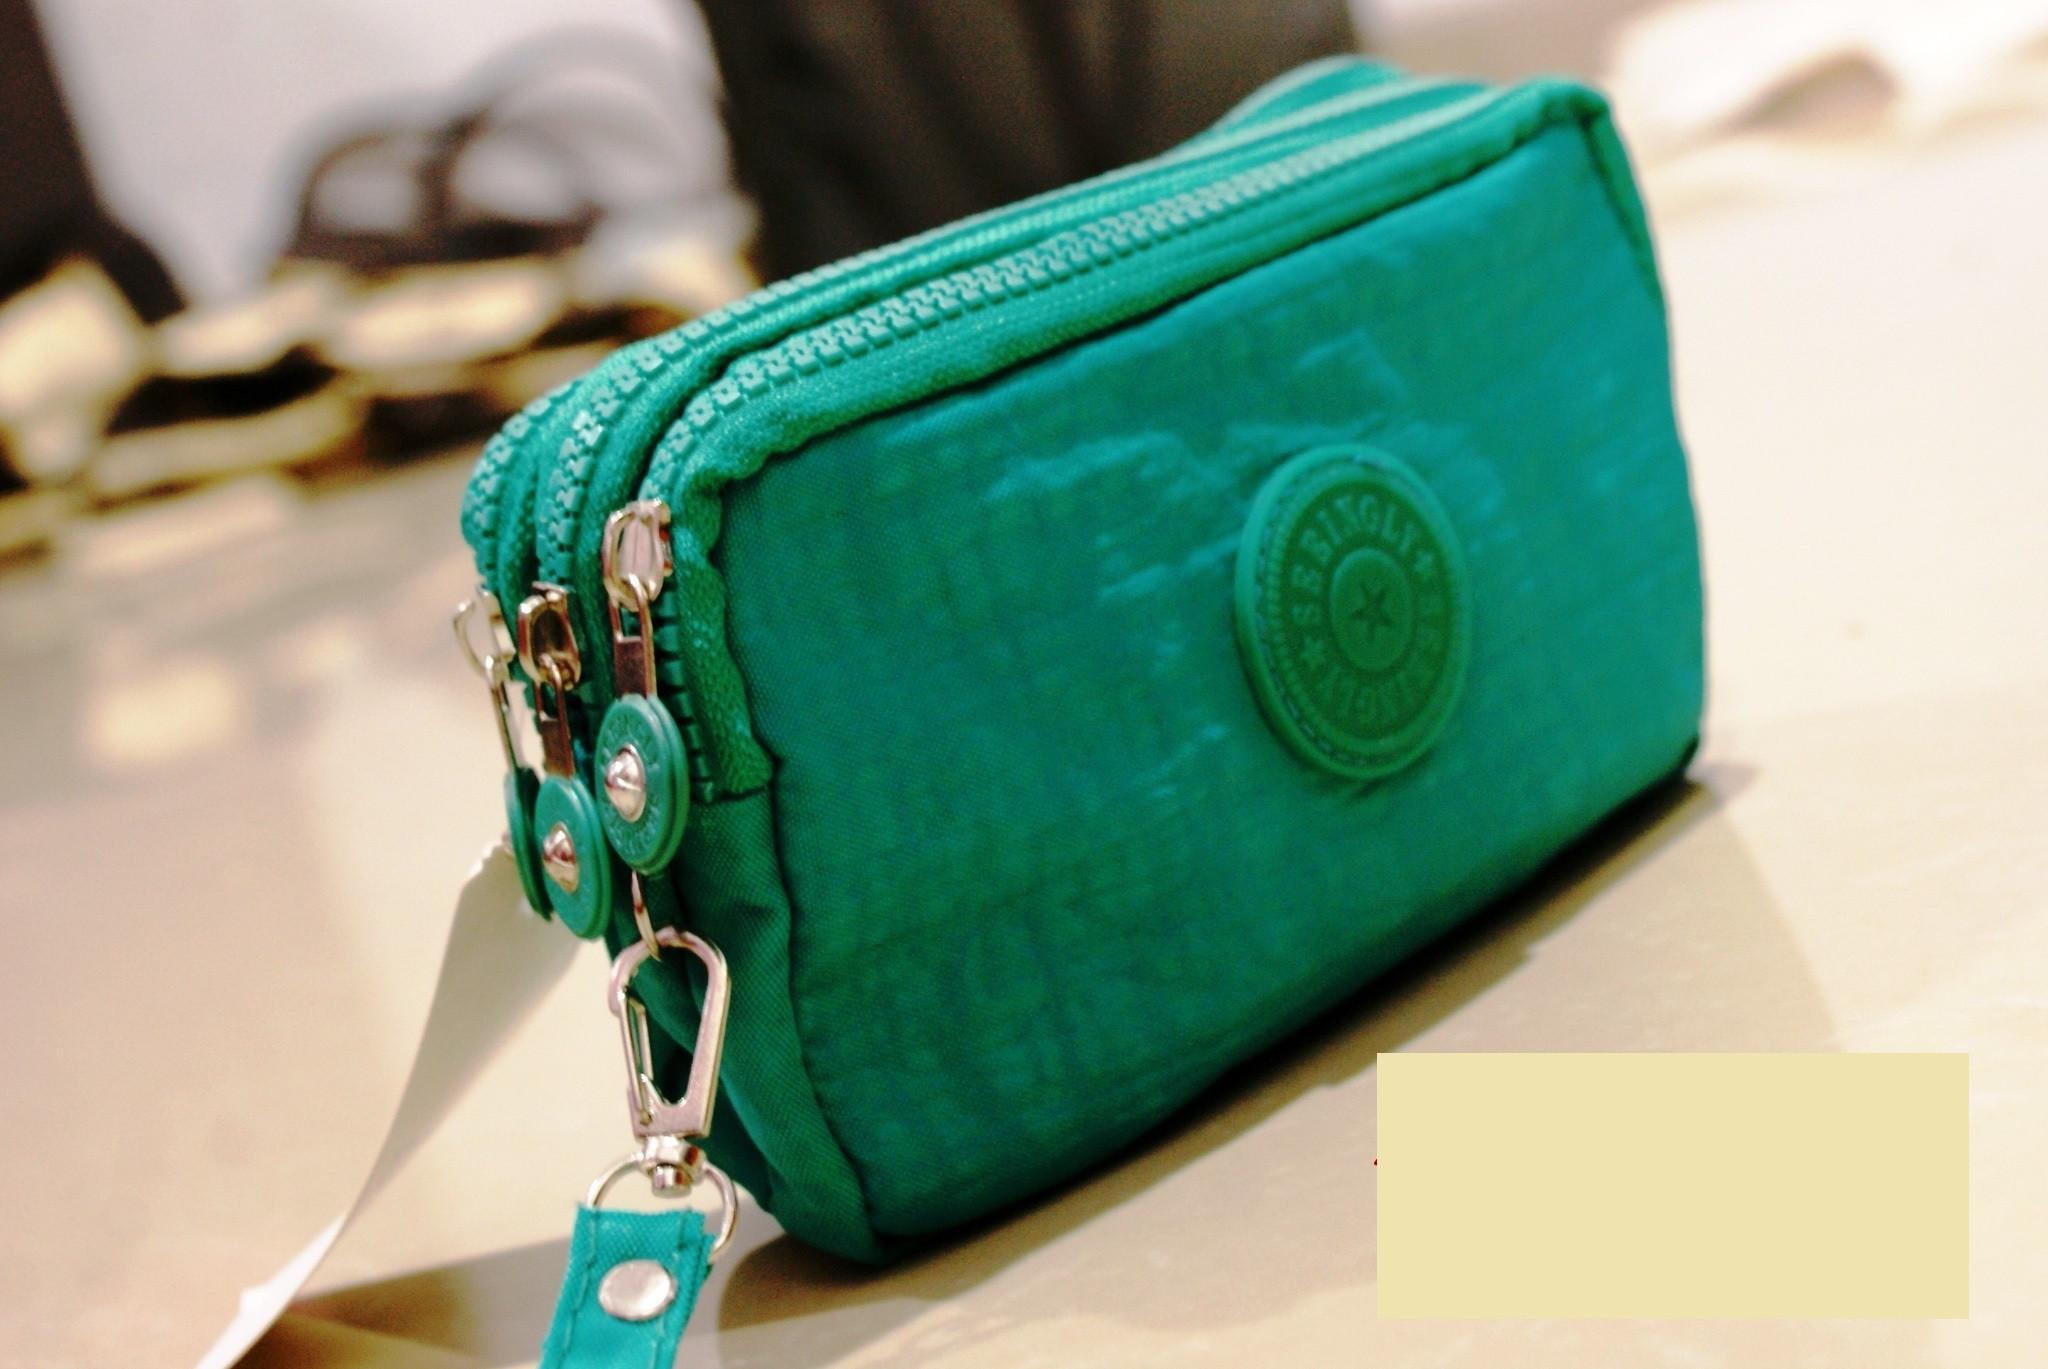 Dompet Tas Handphone Wallet Money Uang Spt Kipling Pocket Pouch Hp Eve